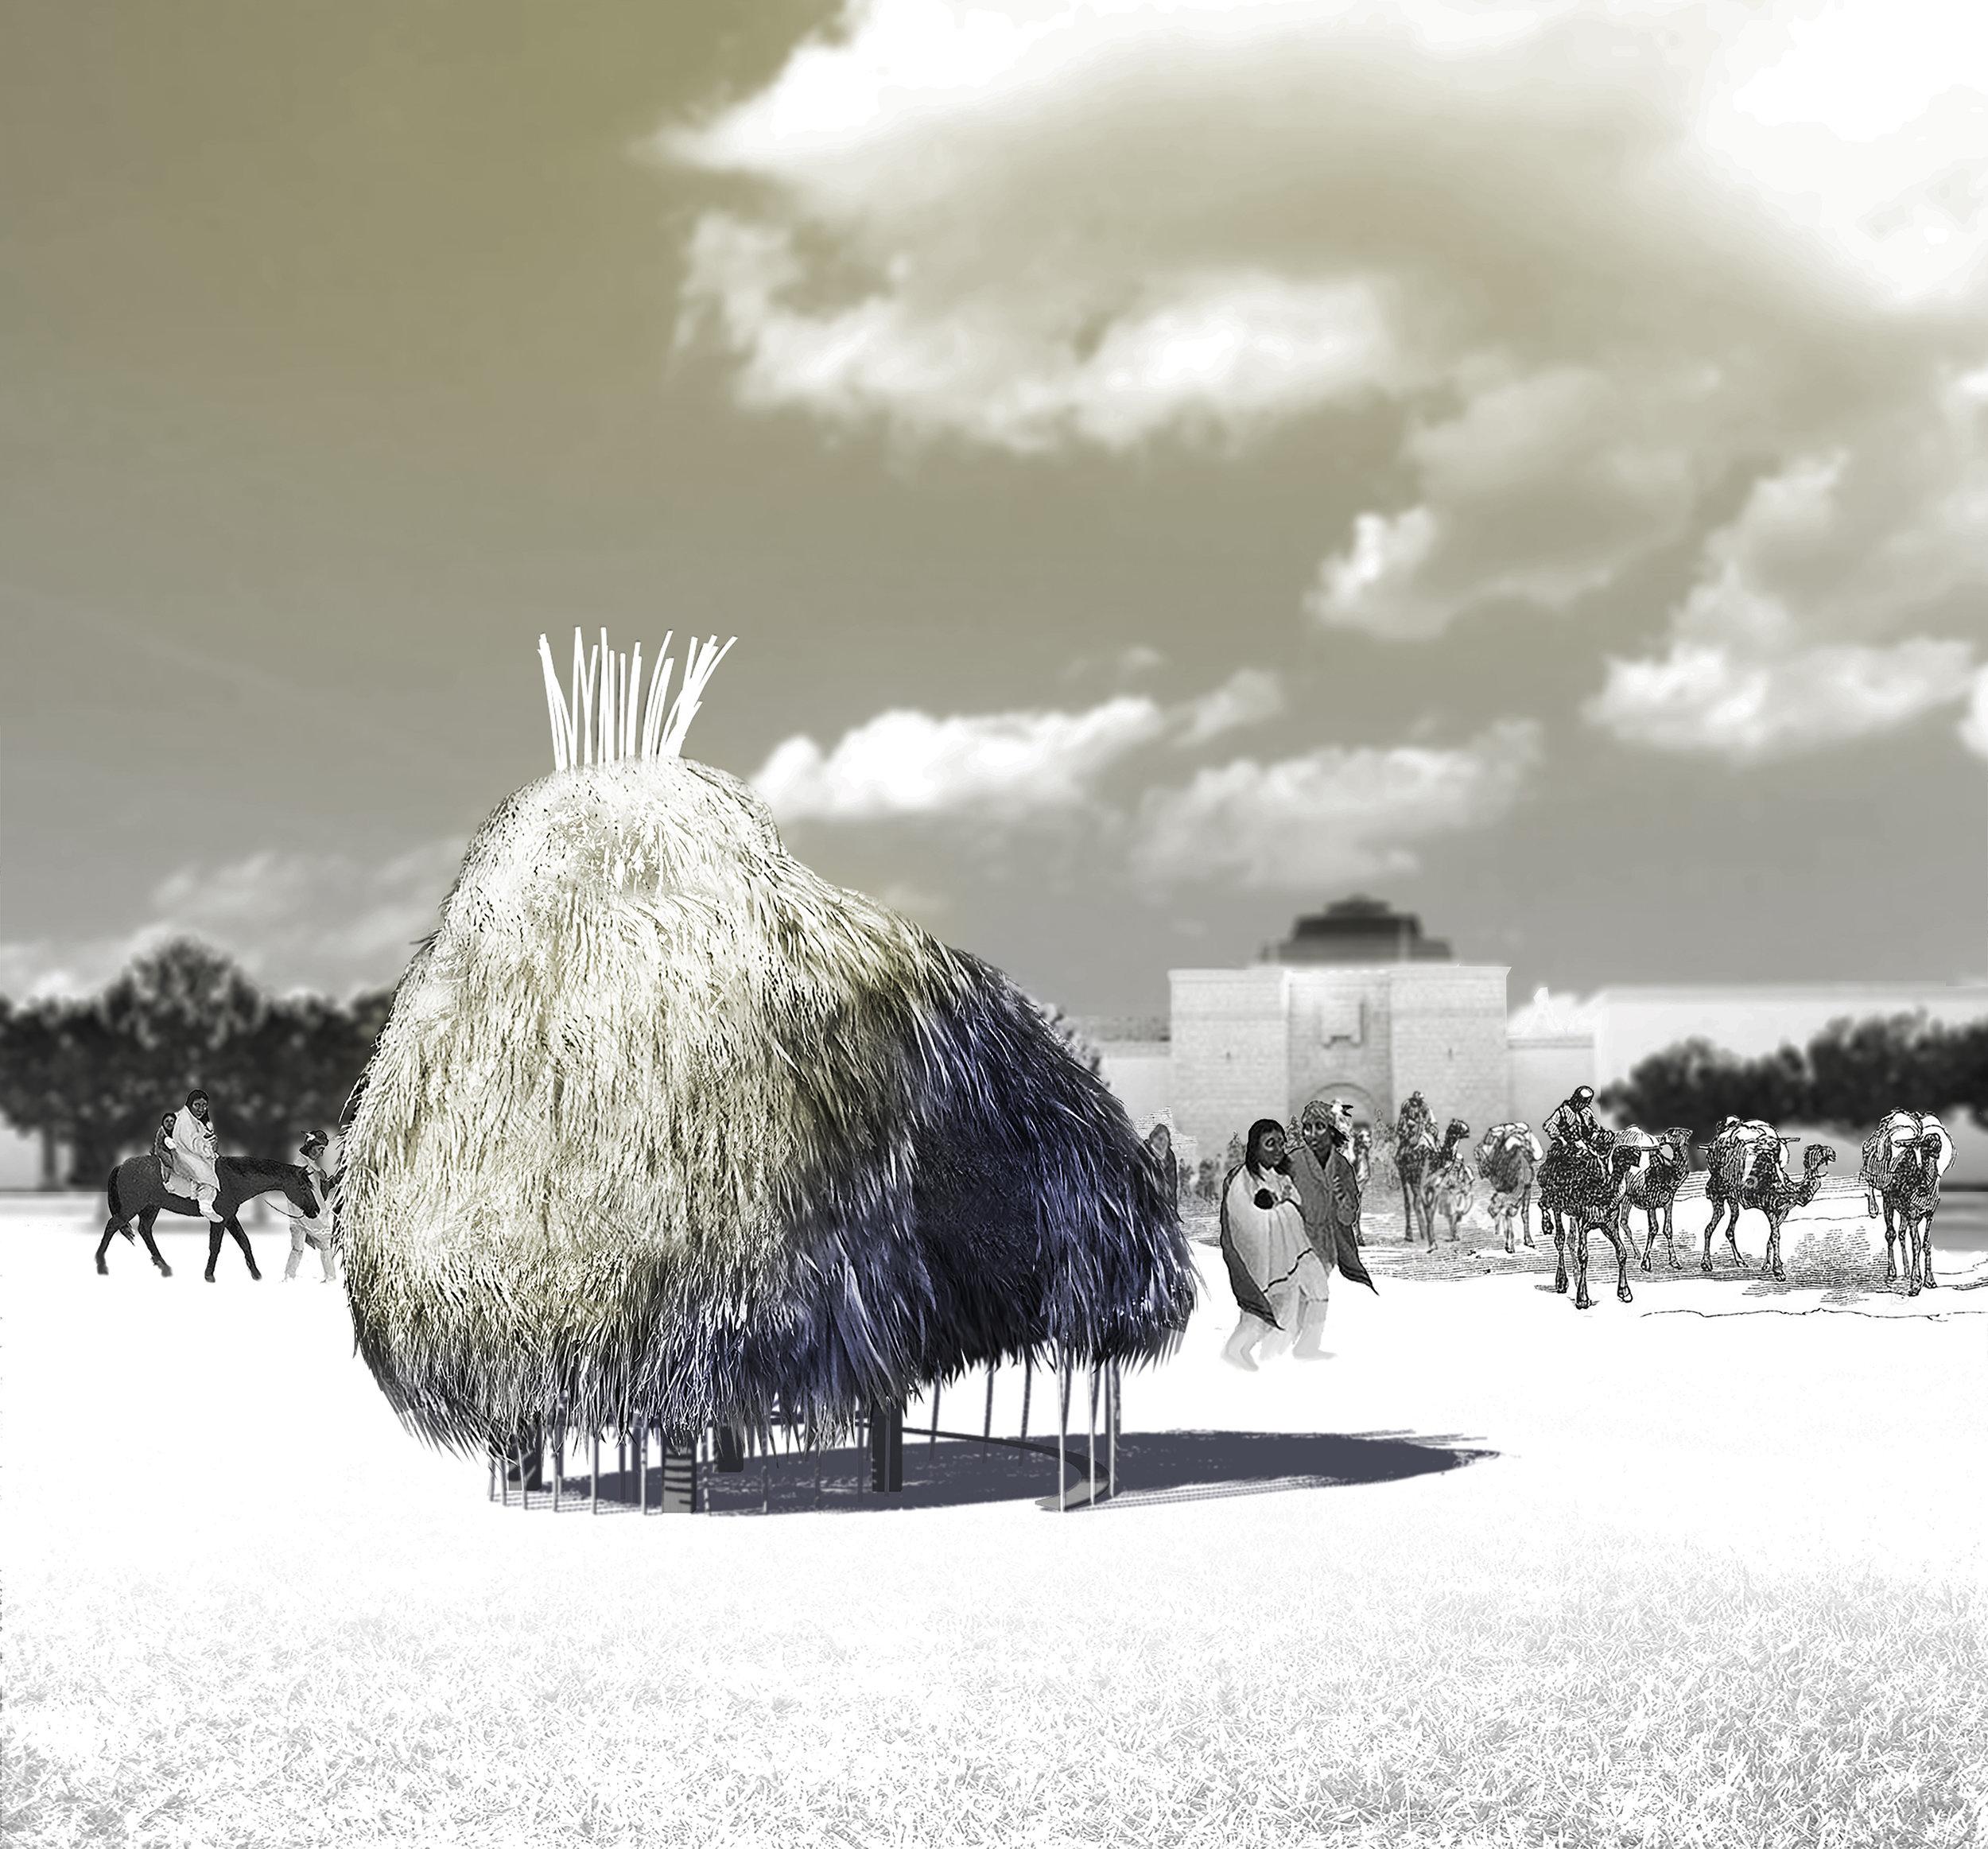 Dallas Sukkah - object in field.jpg